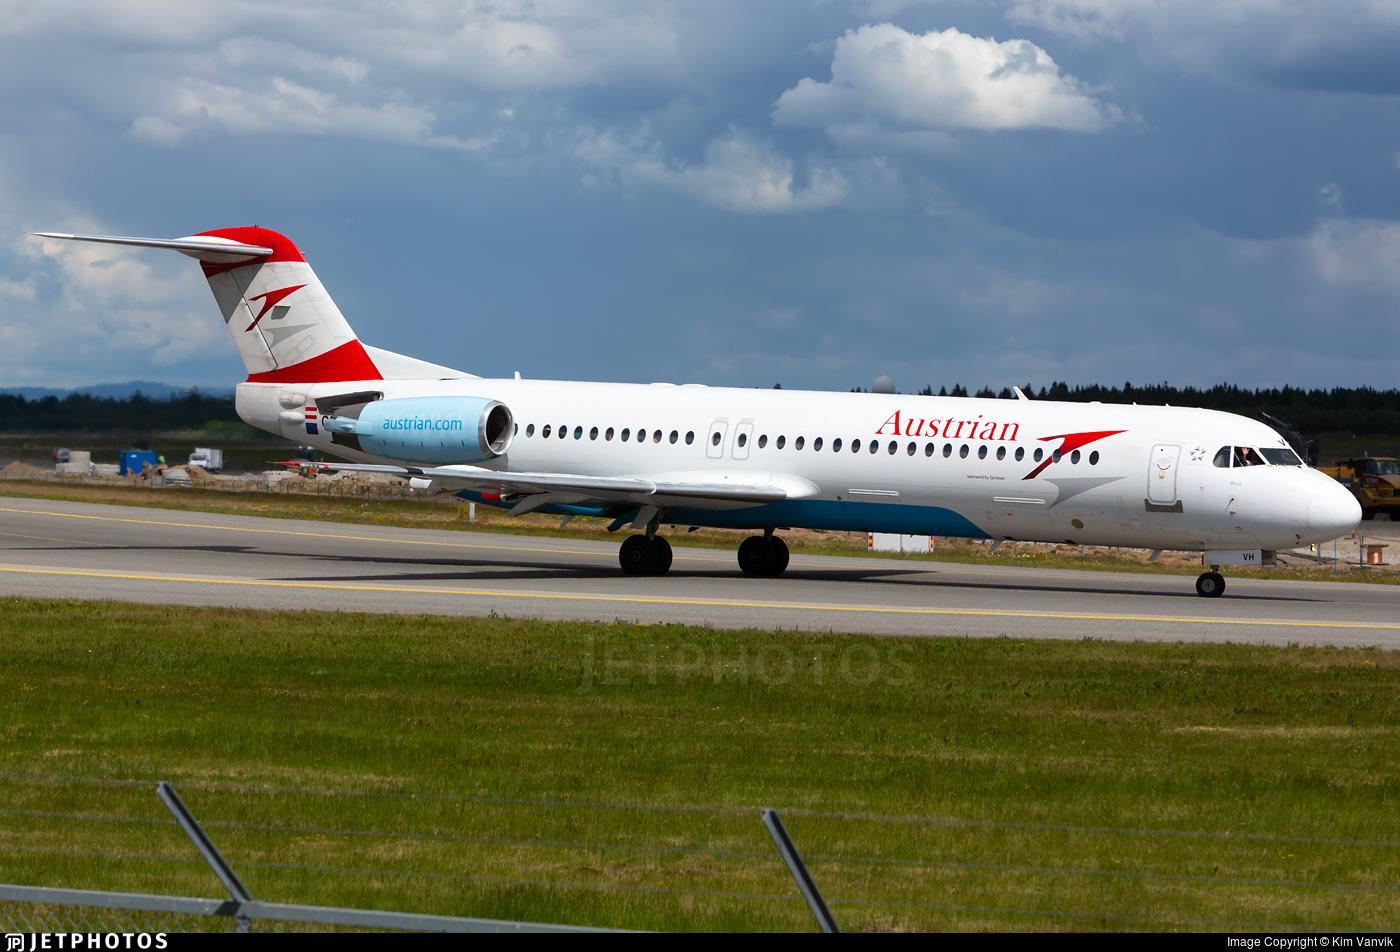 OE-LVH - Fokker 100 - Austrian Airlines (Tyrolean Airways)